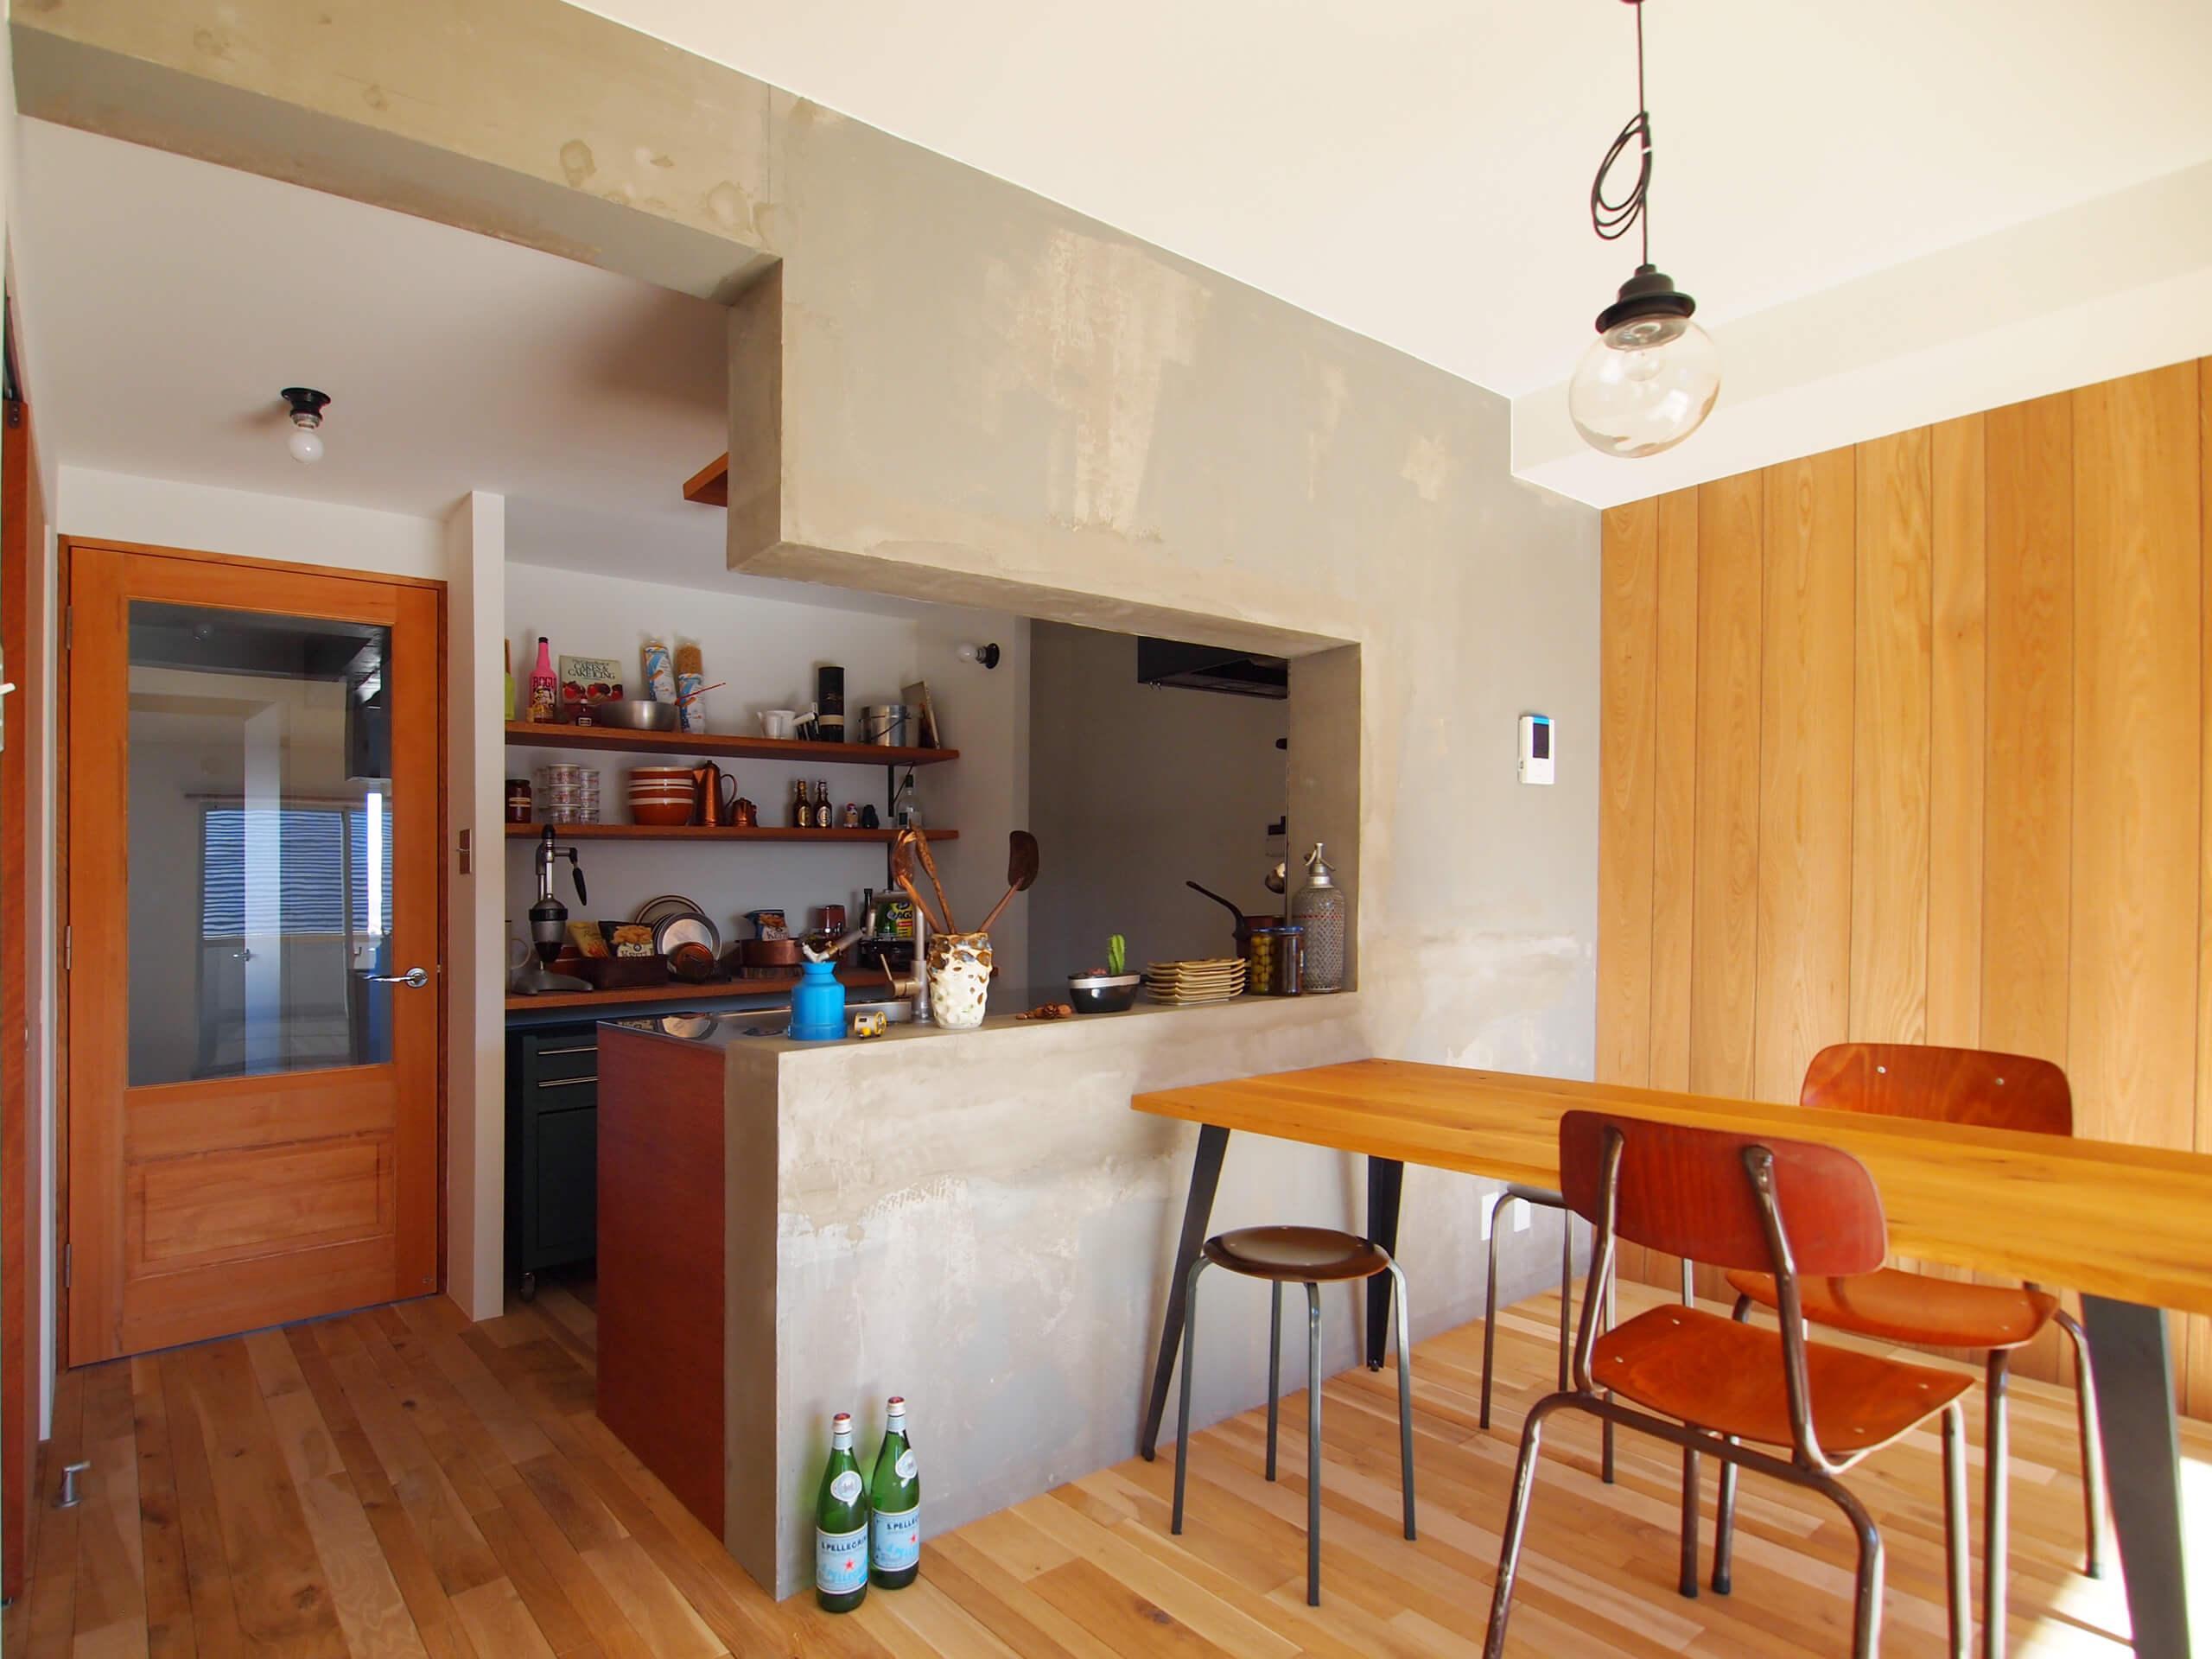 木×コンクリート×白で構成されたデザイン。明るさをプラスしたい場合にはコンクリート部分を白く塗装してもよい